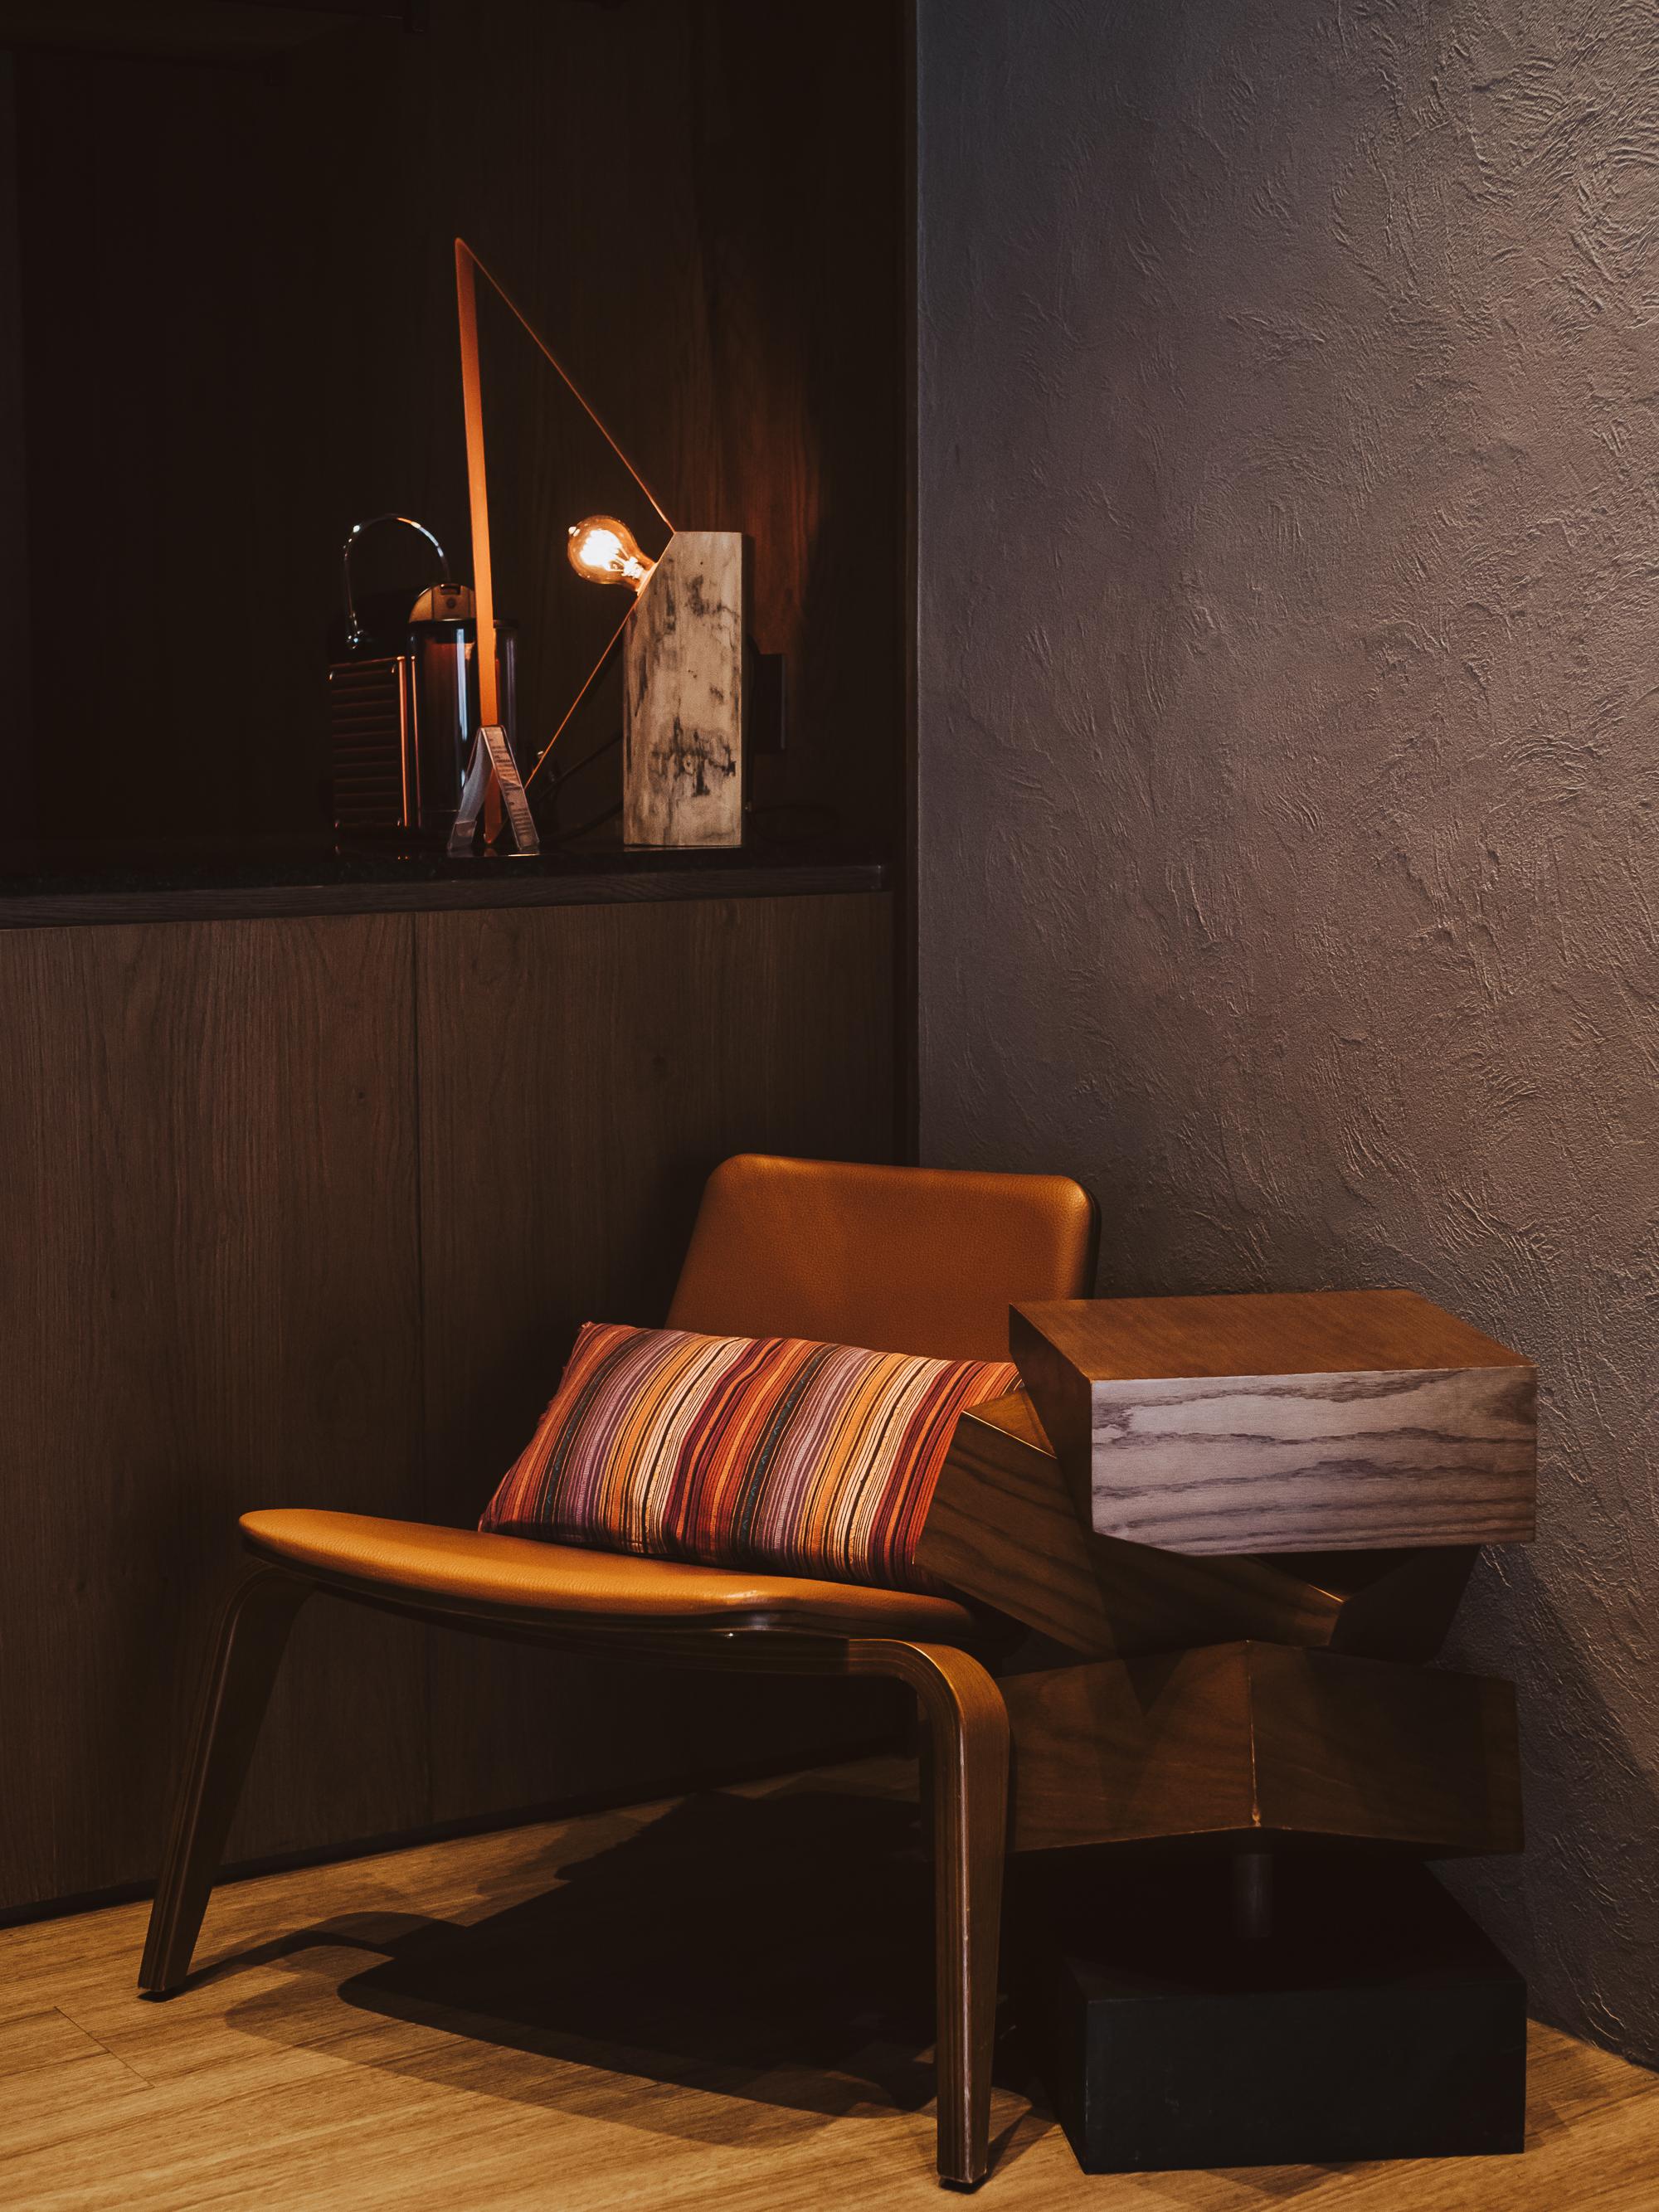 Home Hotel Da-An Interior Photography - Olympus EM1Markii 2512 - Yes! Please Enjoy-18.jpg